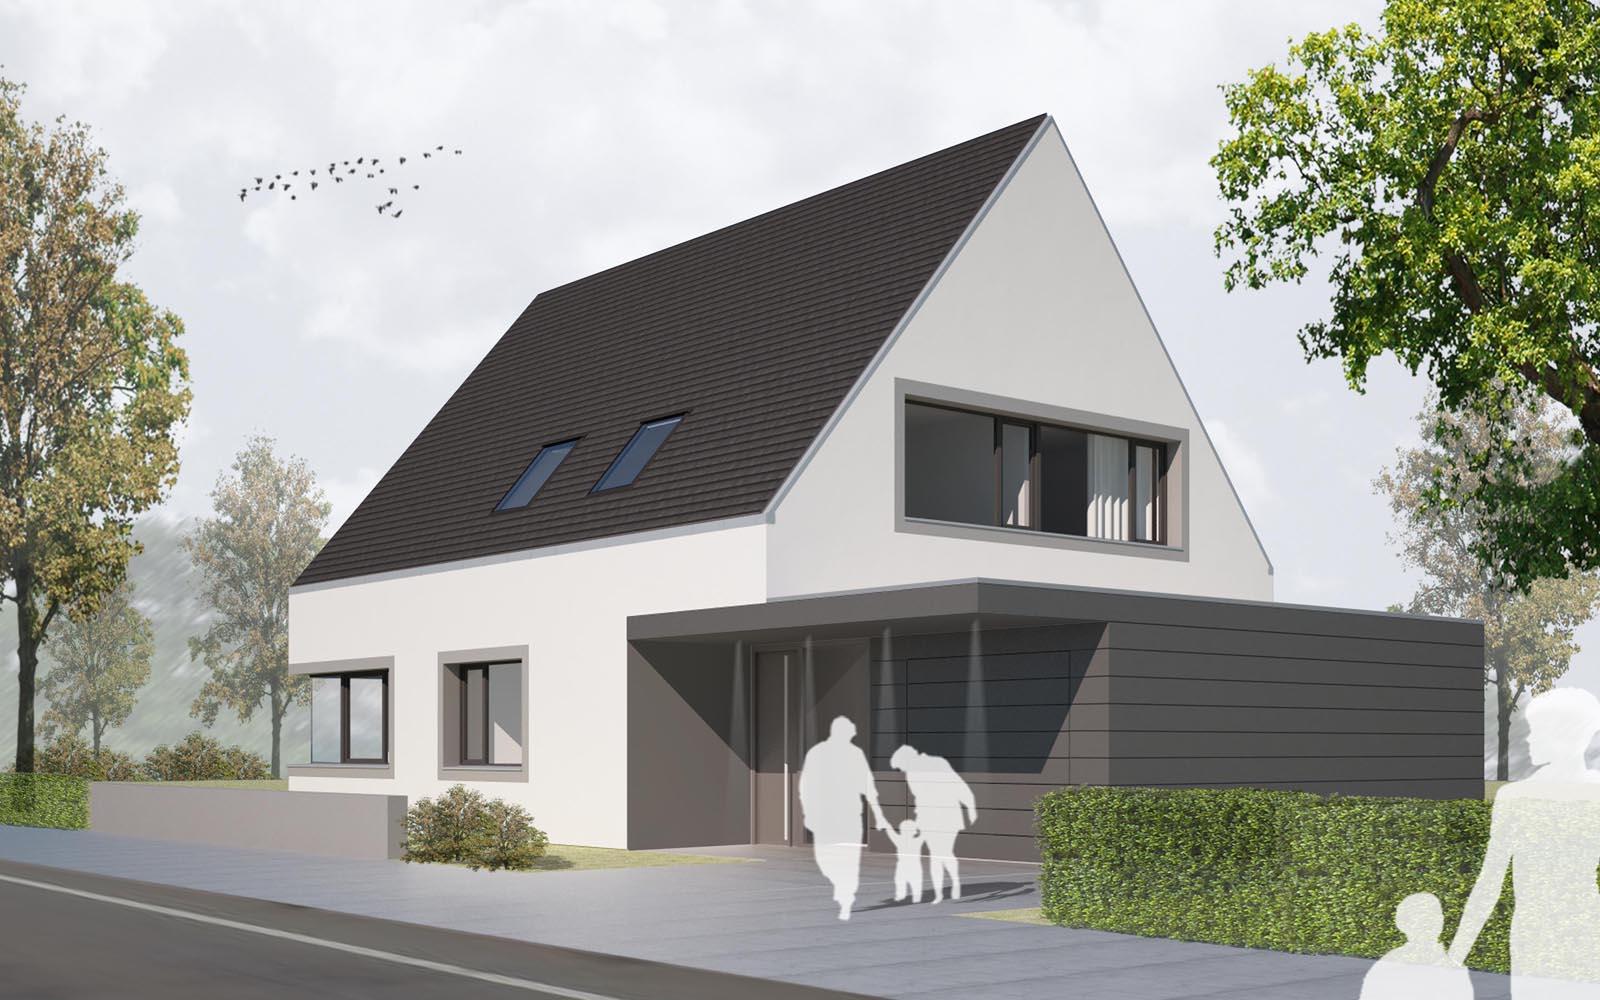 HAS_SteinwegClausArchitekten_freistehendes_Einfamilienhaus_Muenster_00007_Rendering